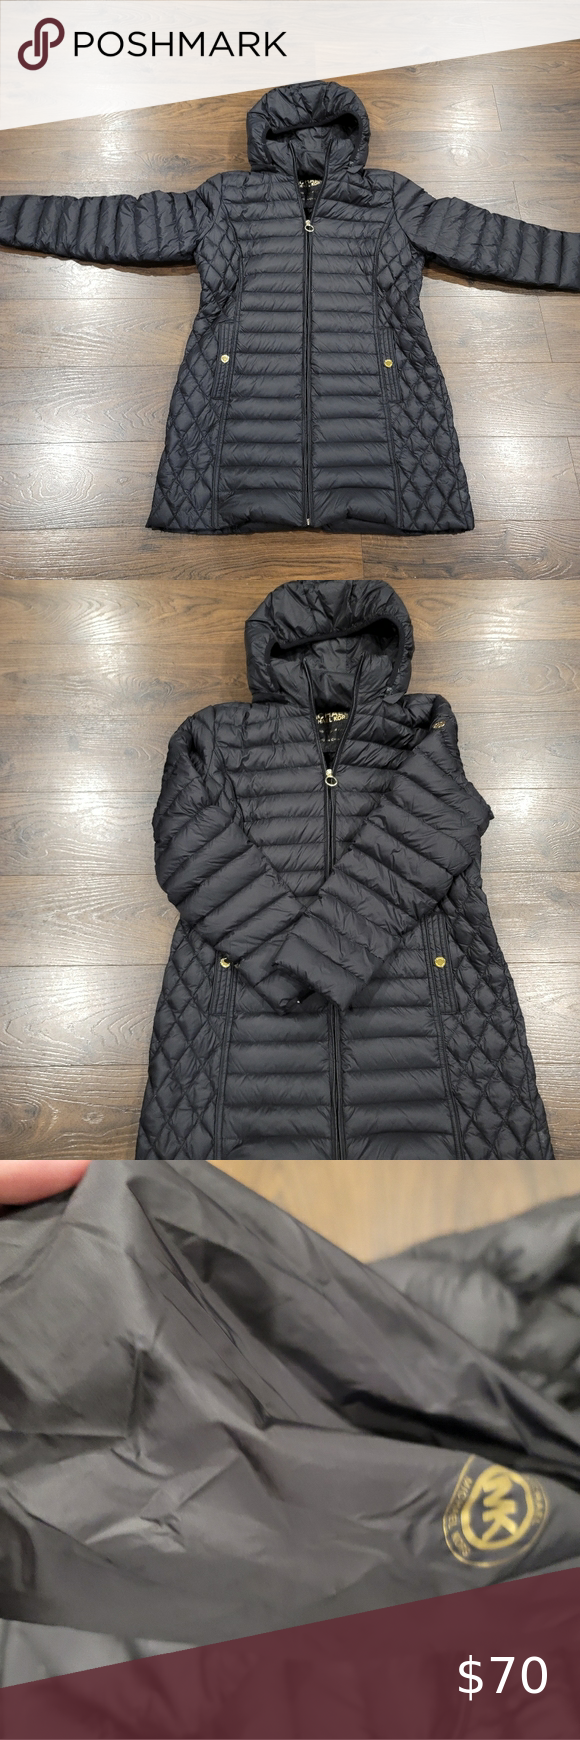 Women S Large Michael Kors Coat In 2020 Coats For Women Michael Kors Michael Kors Jackets [ 1740 x 580 Pixel ]